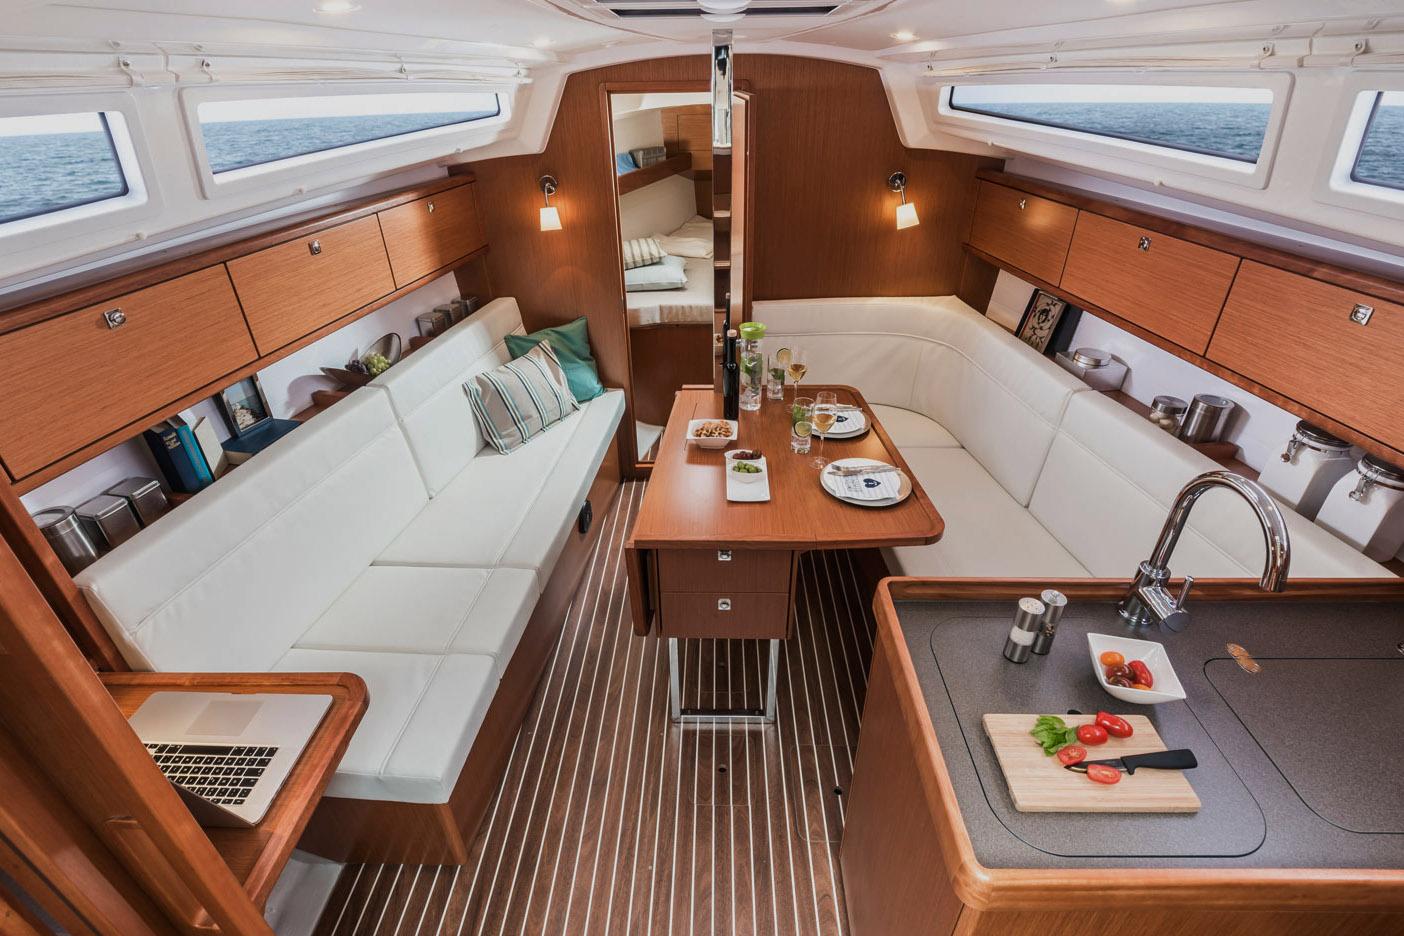 Traditionelles innenlayout mit L-Galley an Steuerbord und Sitzbank an Backbord, deren Ende in der Zweikabinen-Version Platz für eine Navi-Ecke bietet